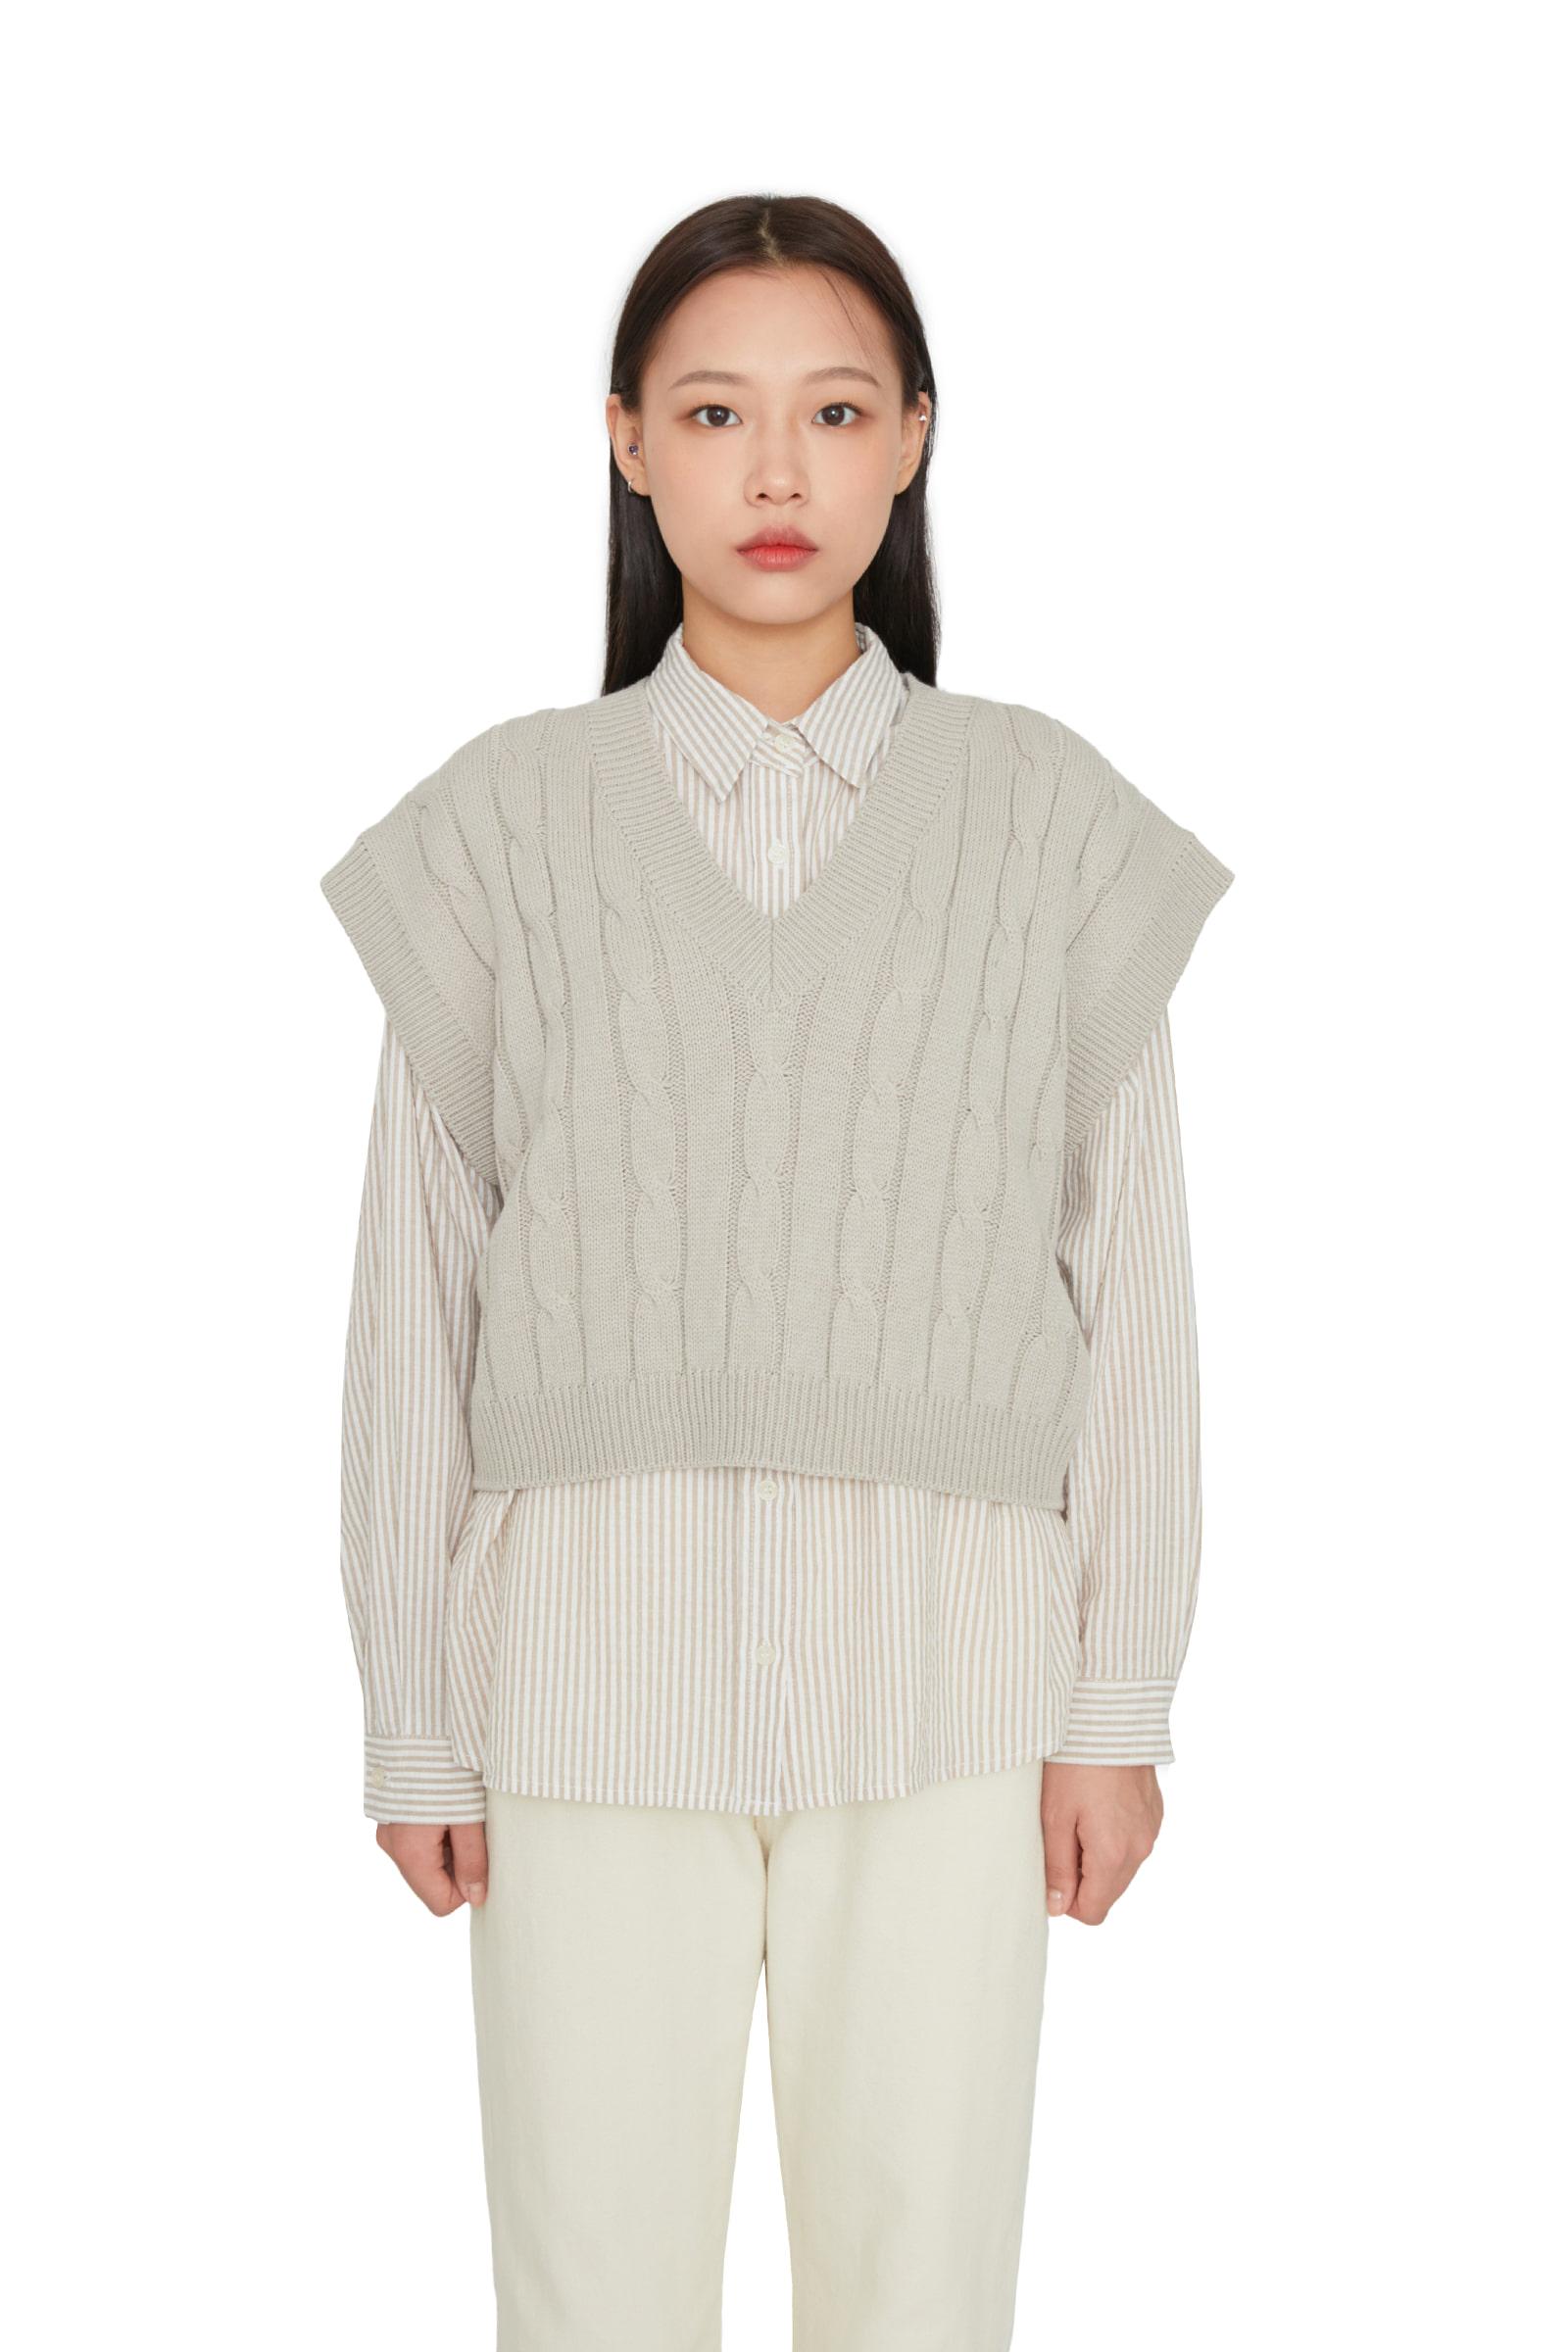 Twisted V-neck cropped knit vest